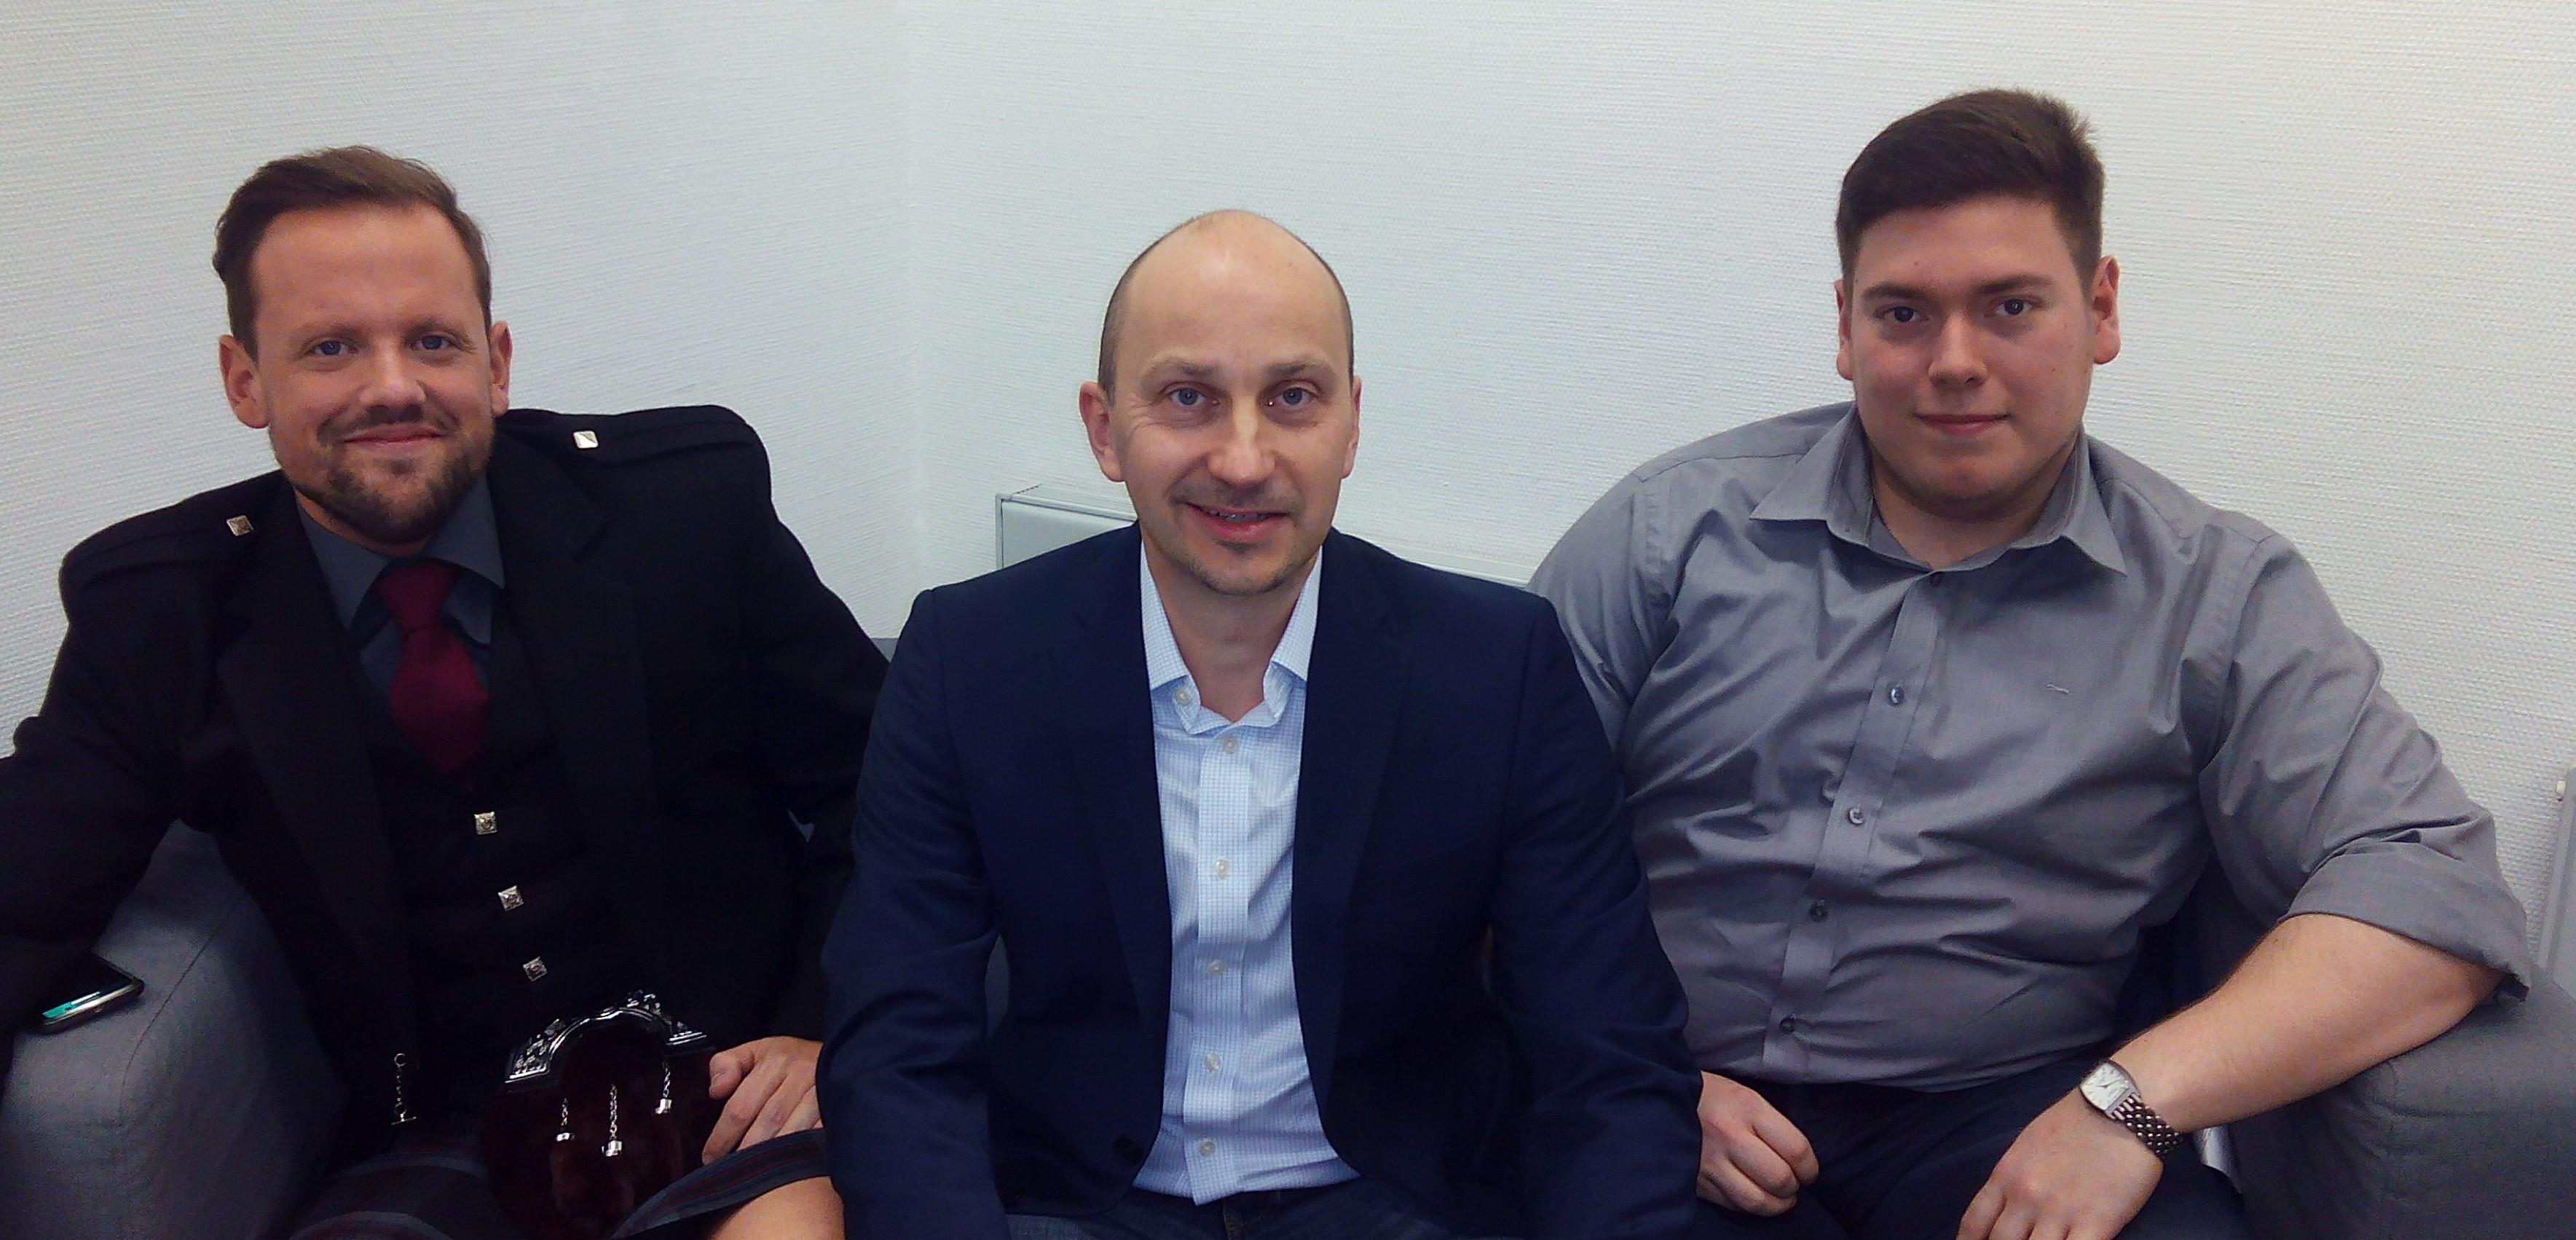 Geschäftsführer Uwe Schmidt mit David (links) und Andrej (rechts)